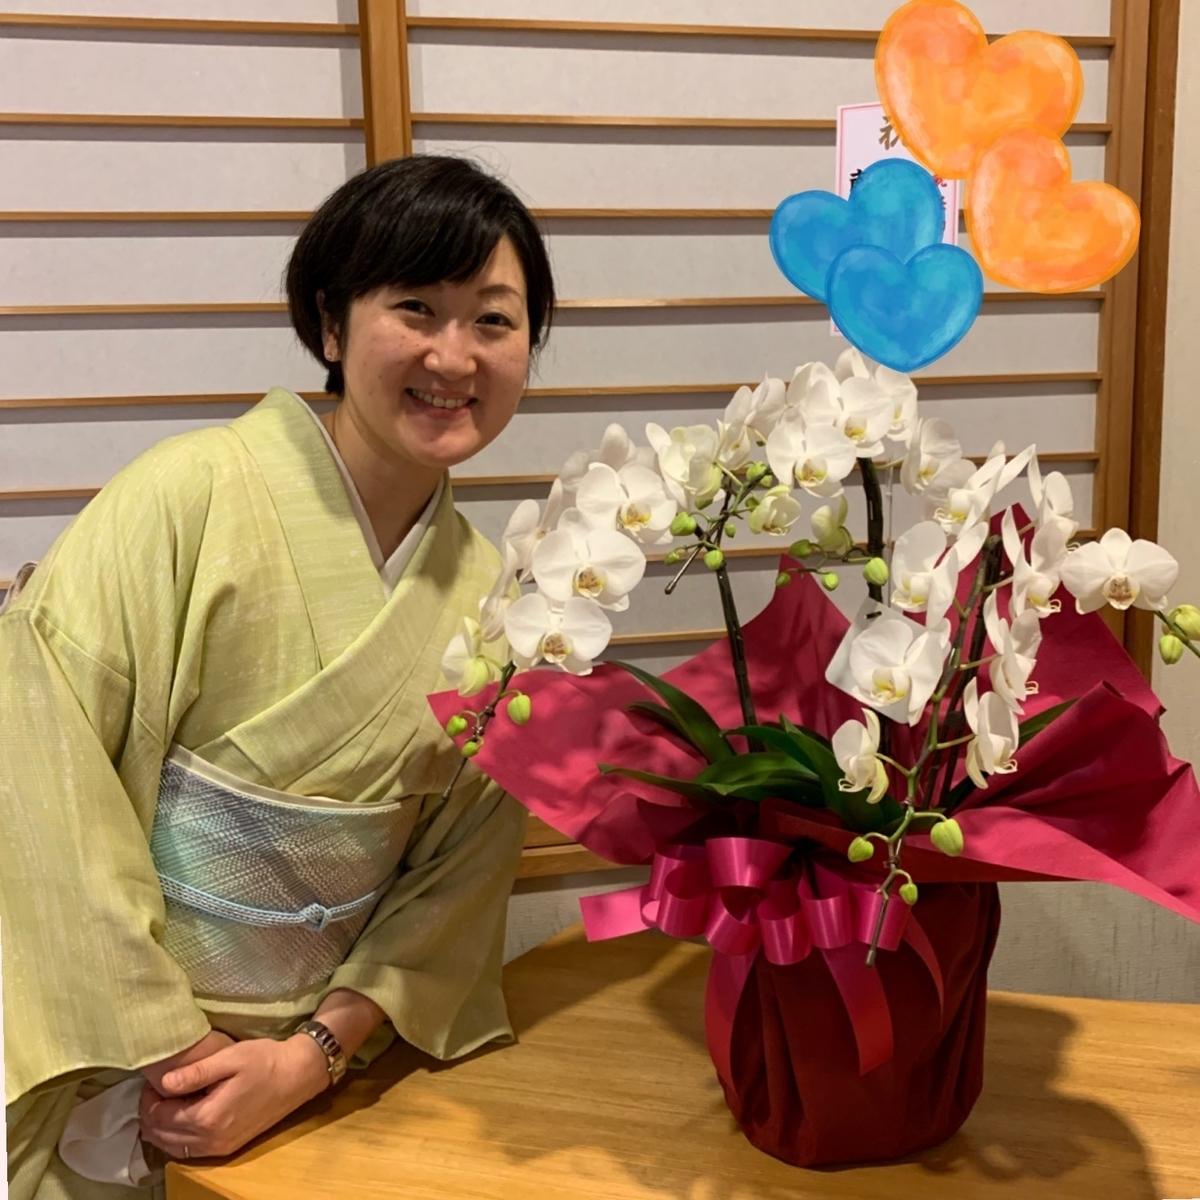 f:id:kimonohiroshima:20200721125513j:plain